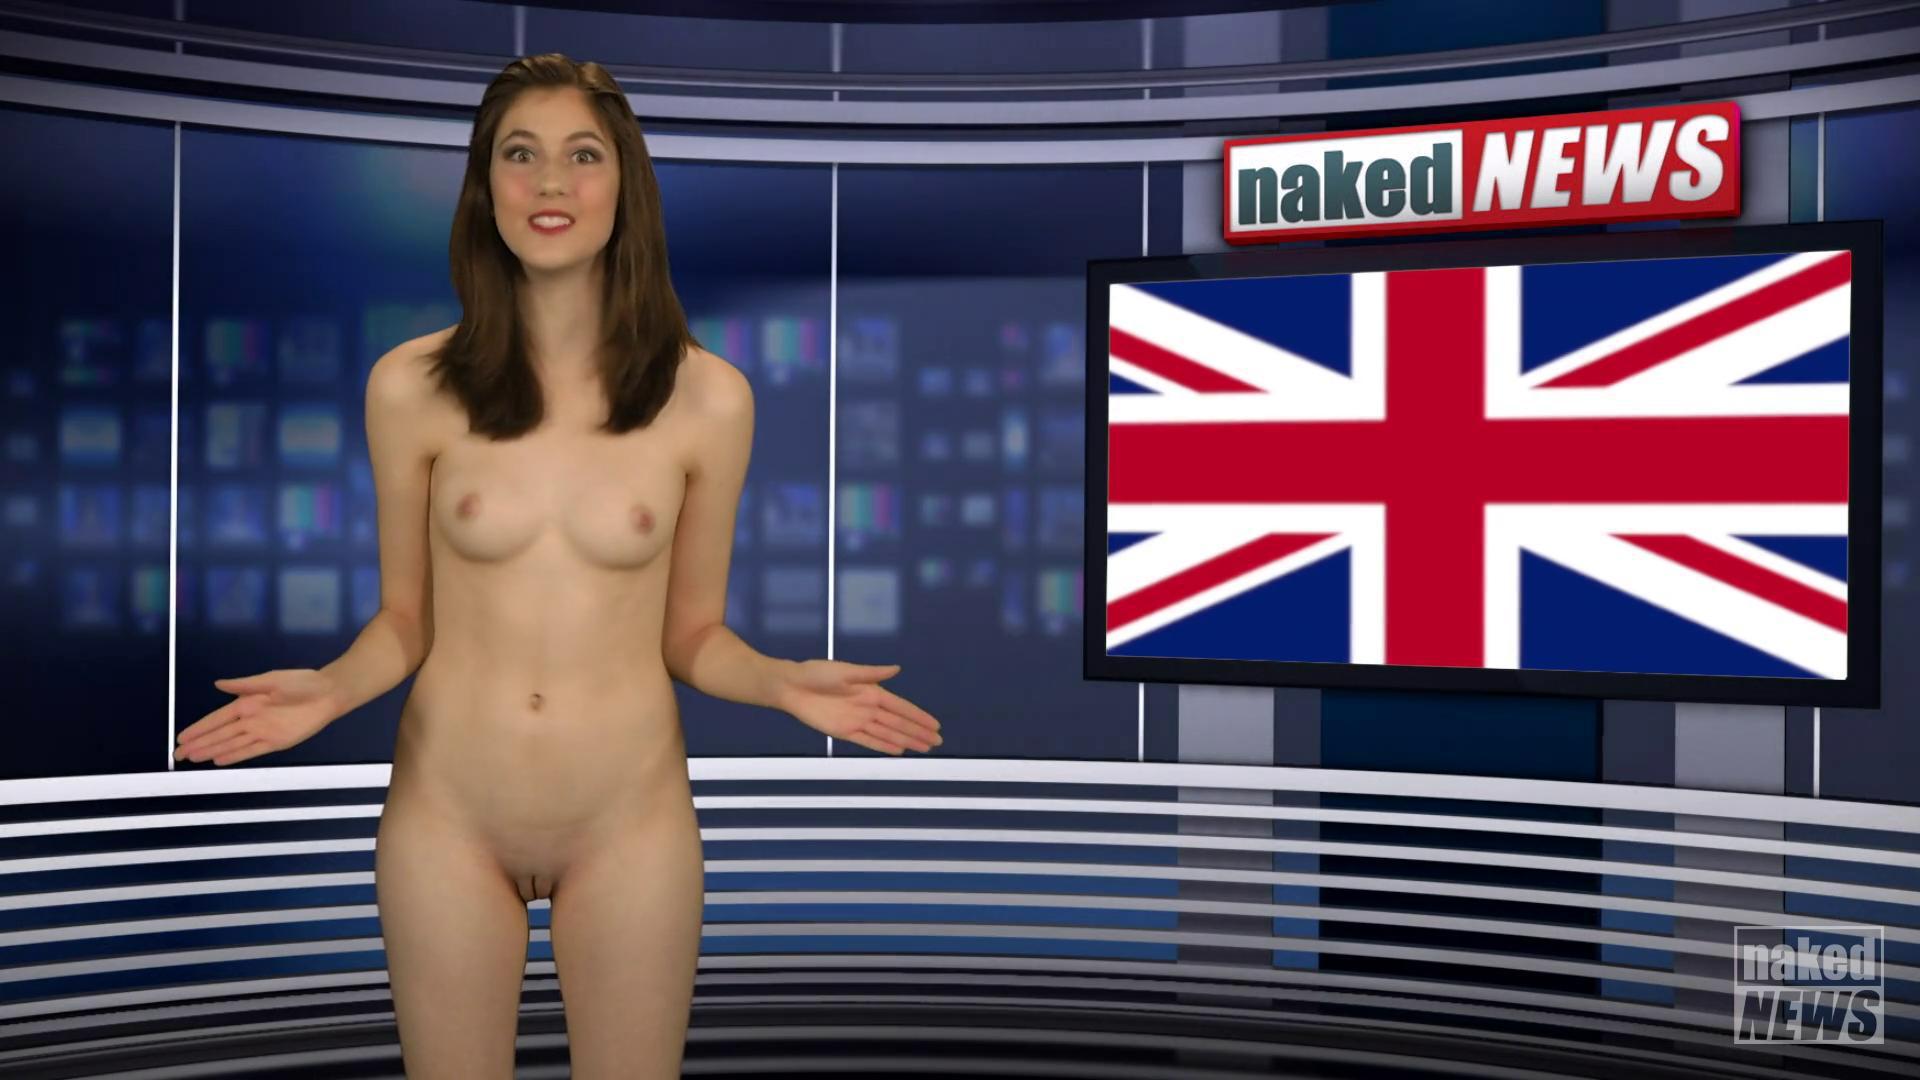 Naked News Anchors Men